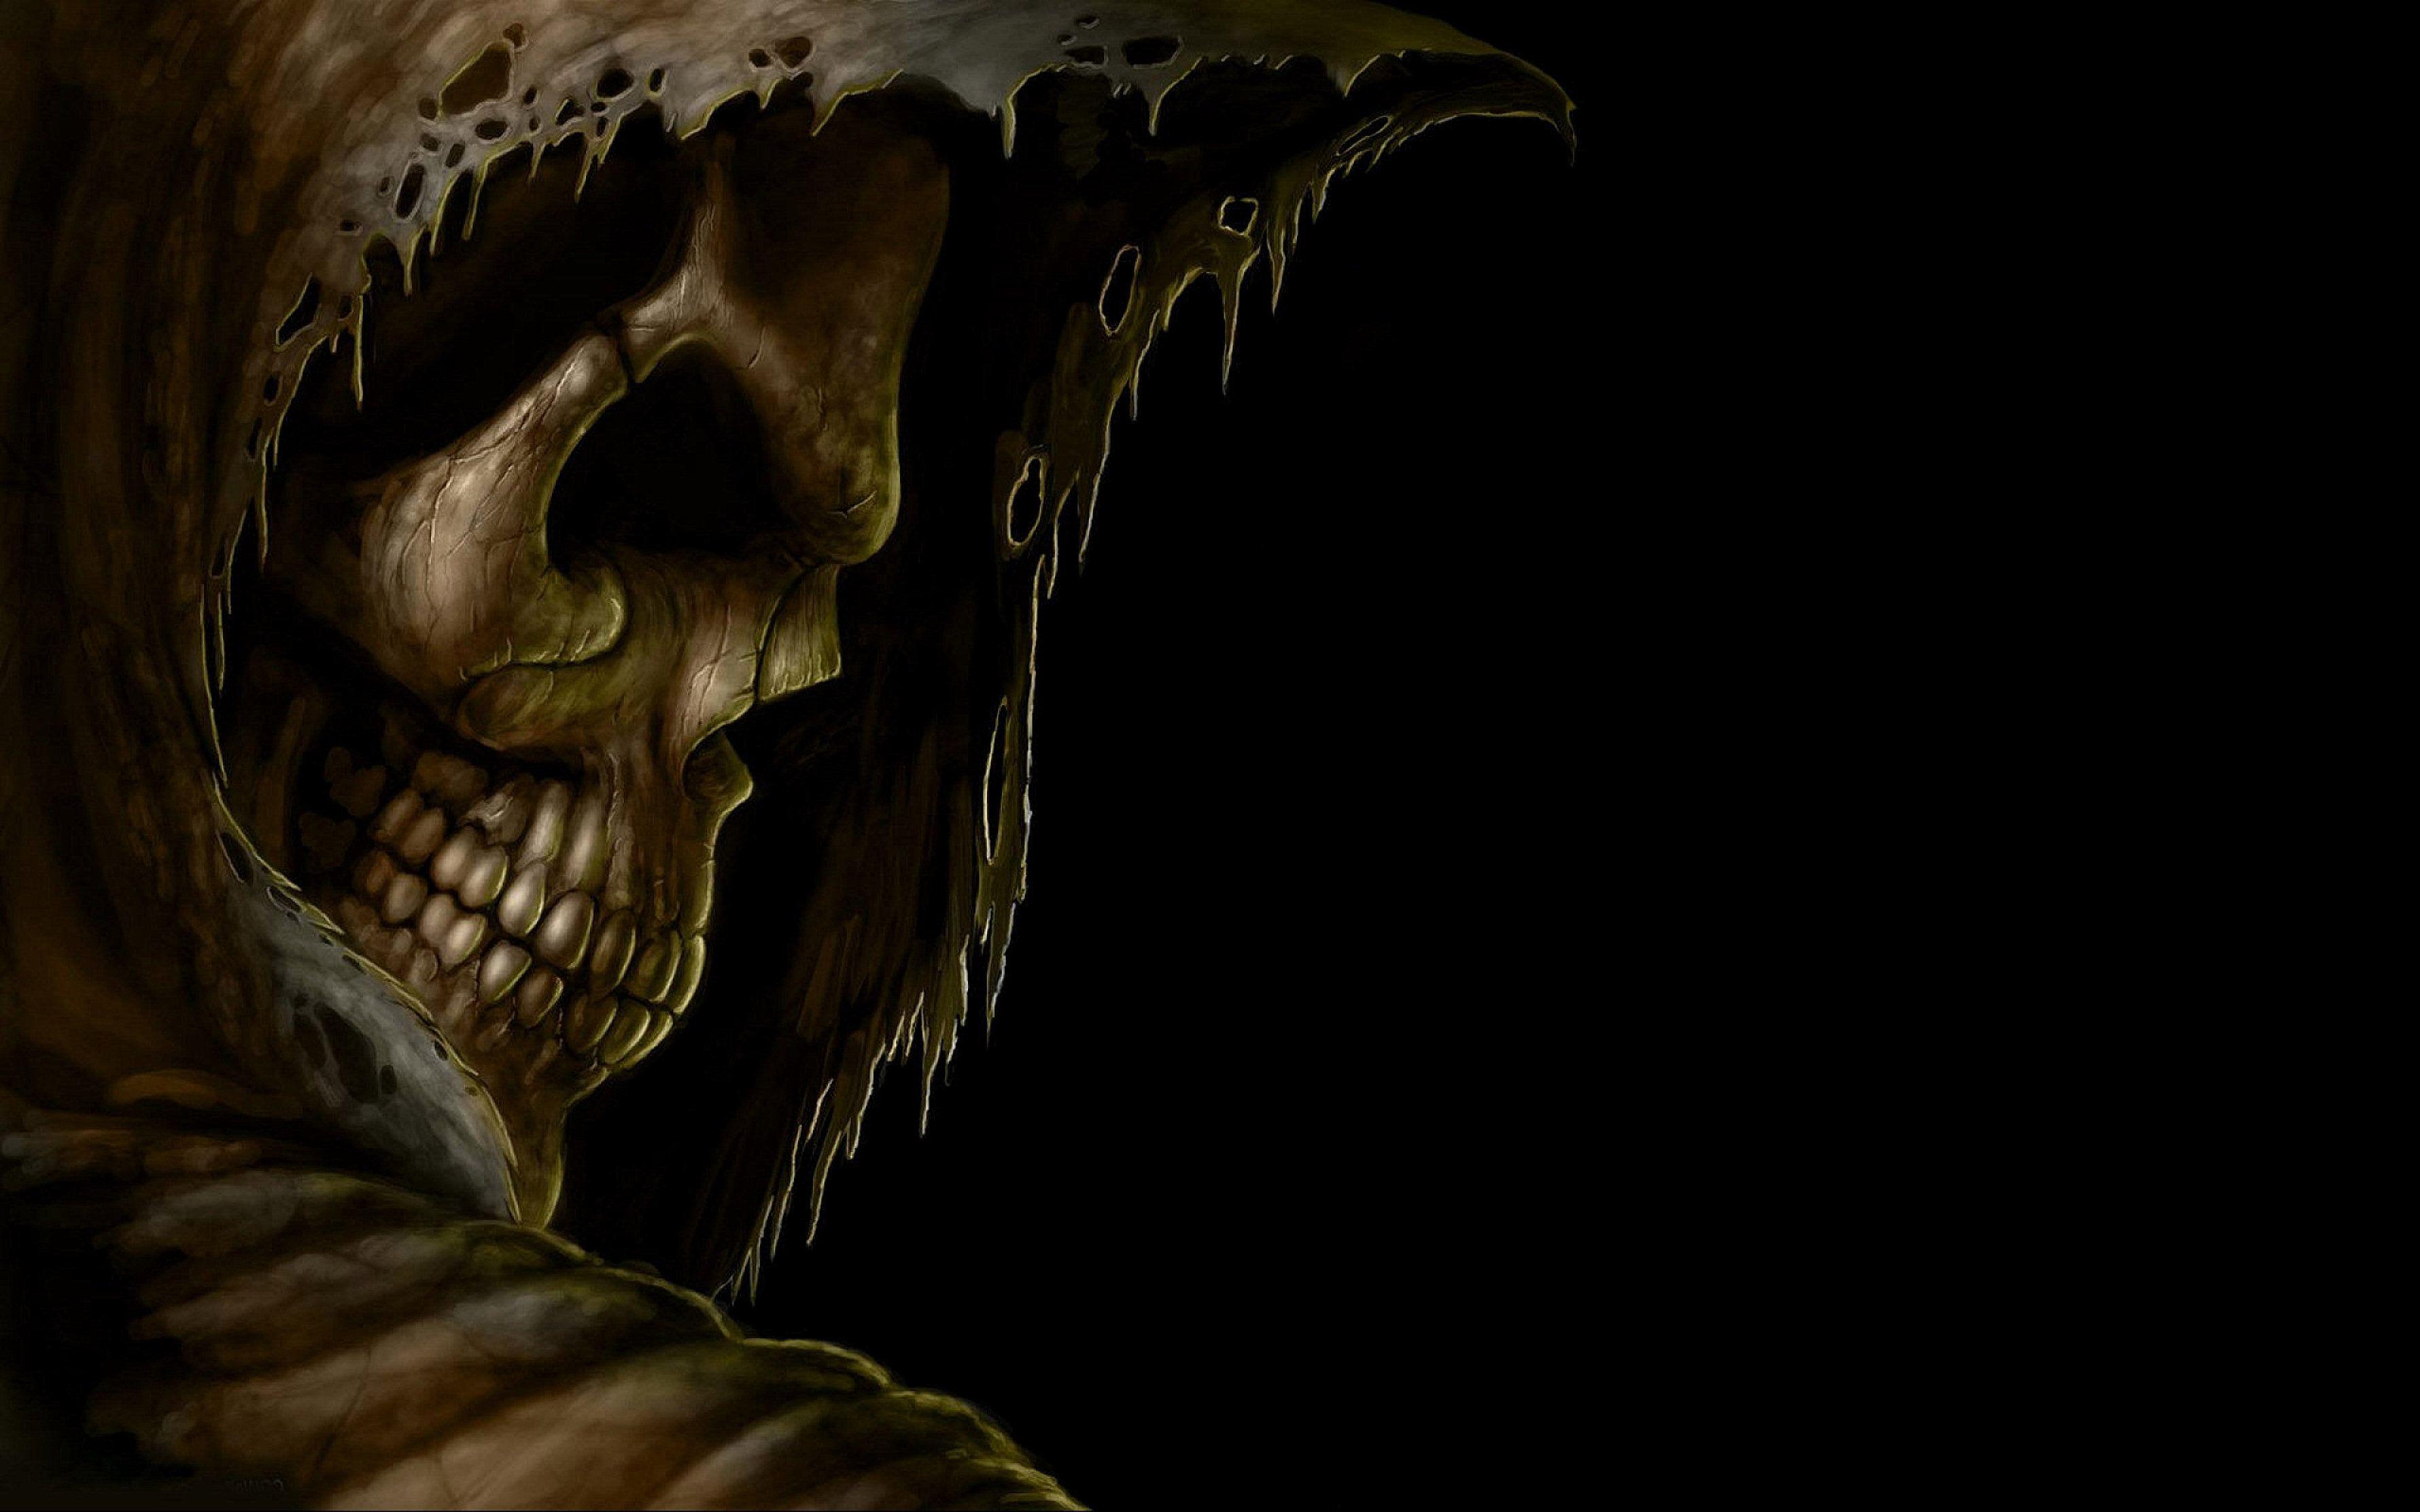 Download Grim Reaper Wallpaper Dekstop 14894 Wallpaper Grim Reaper Grim Reaper Pictures Reaper Dark wallpaper of death